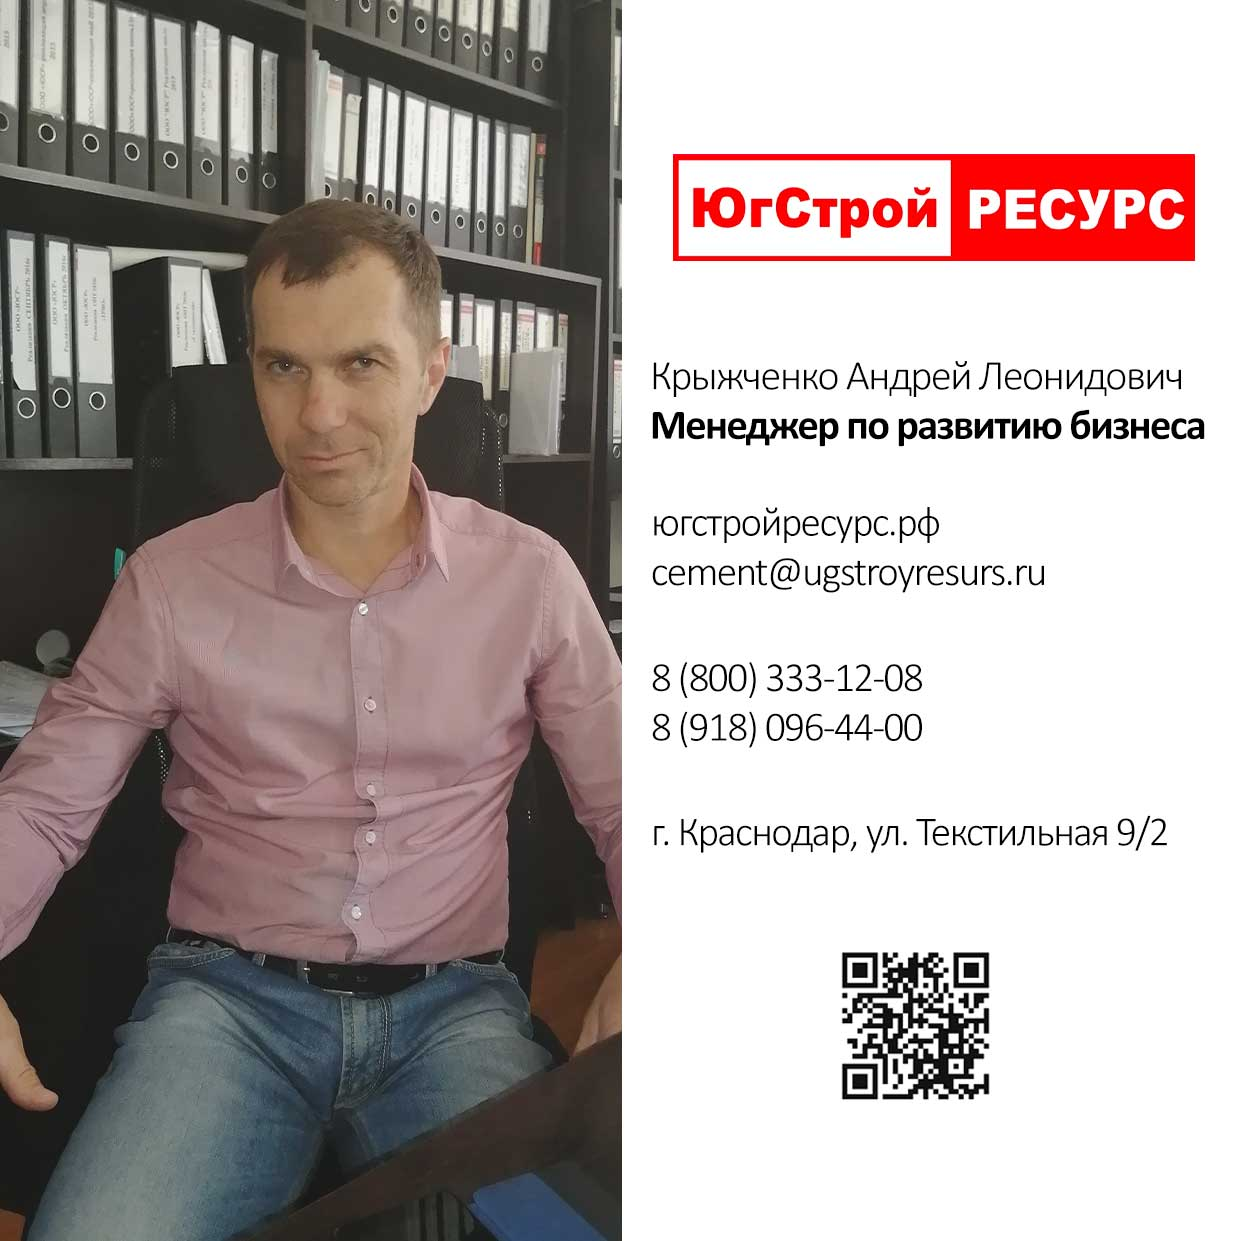 Контакты Краснодар